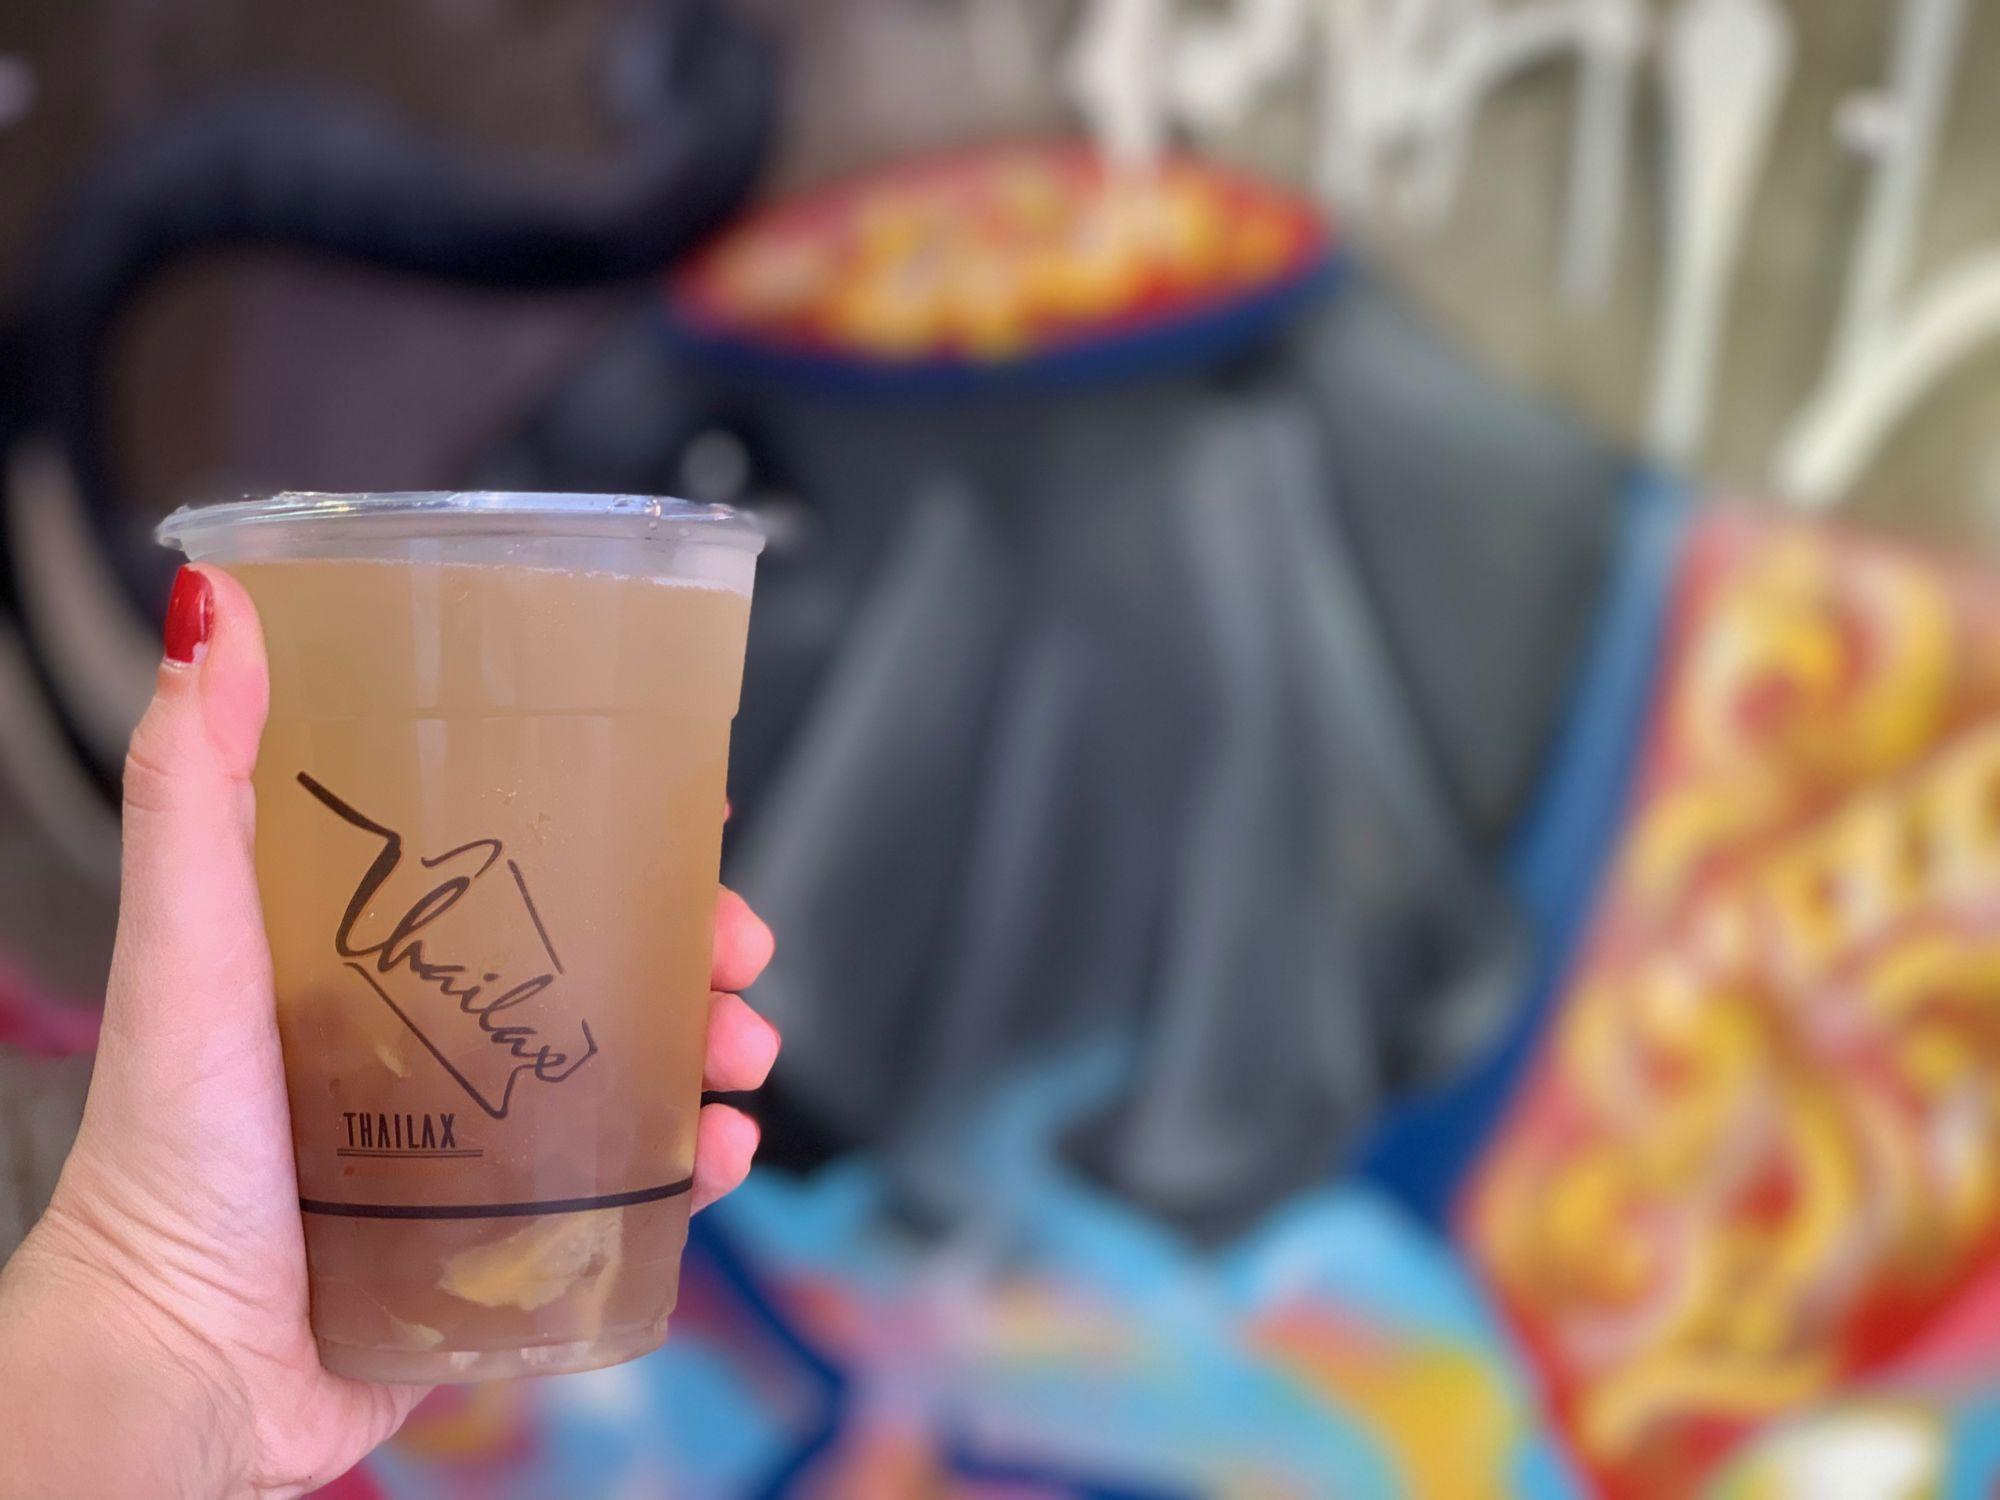 thailax drink